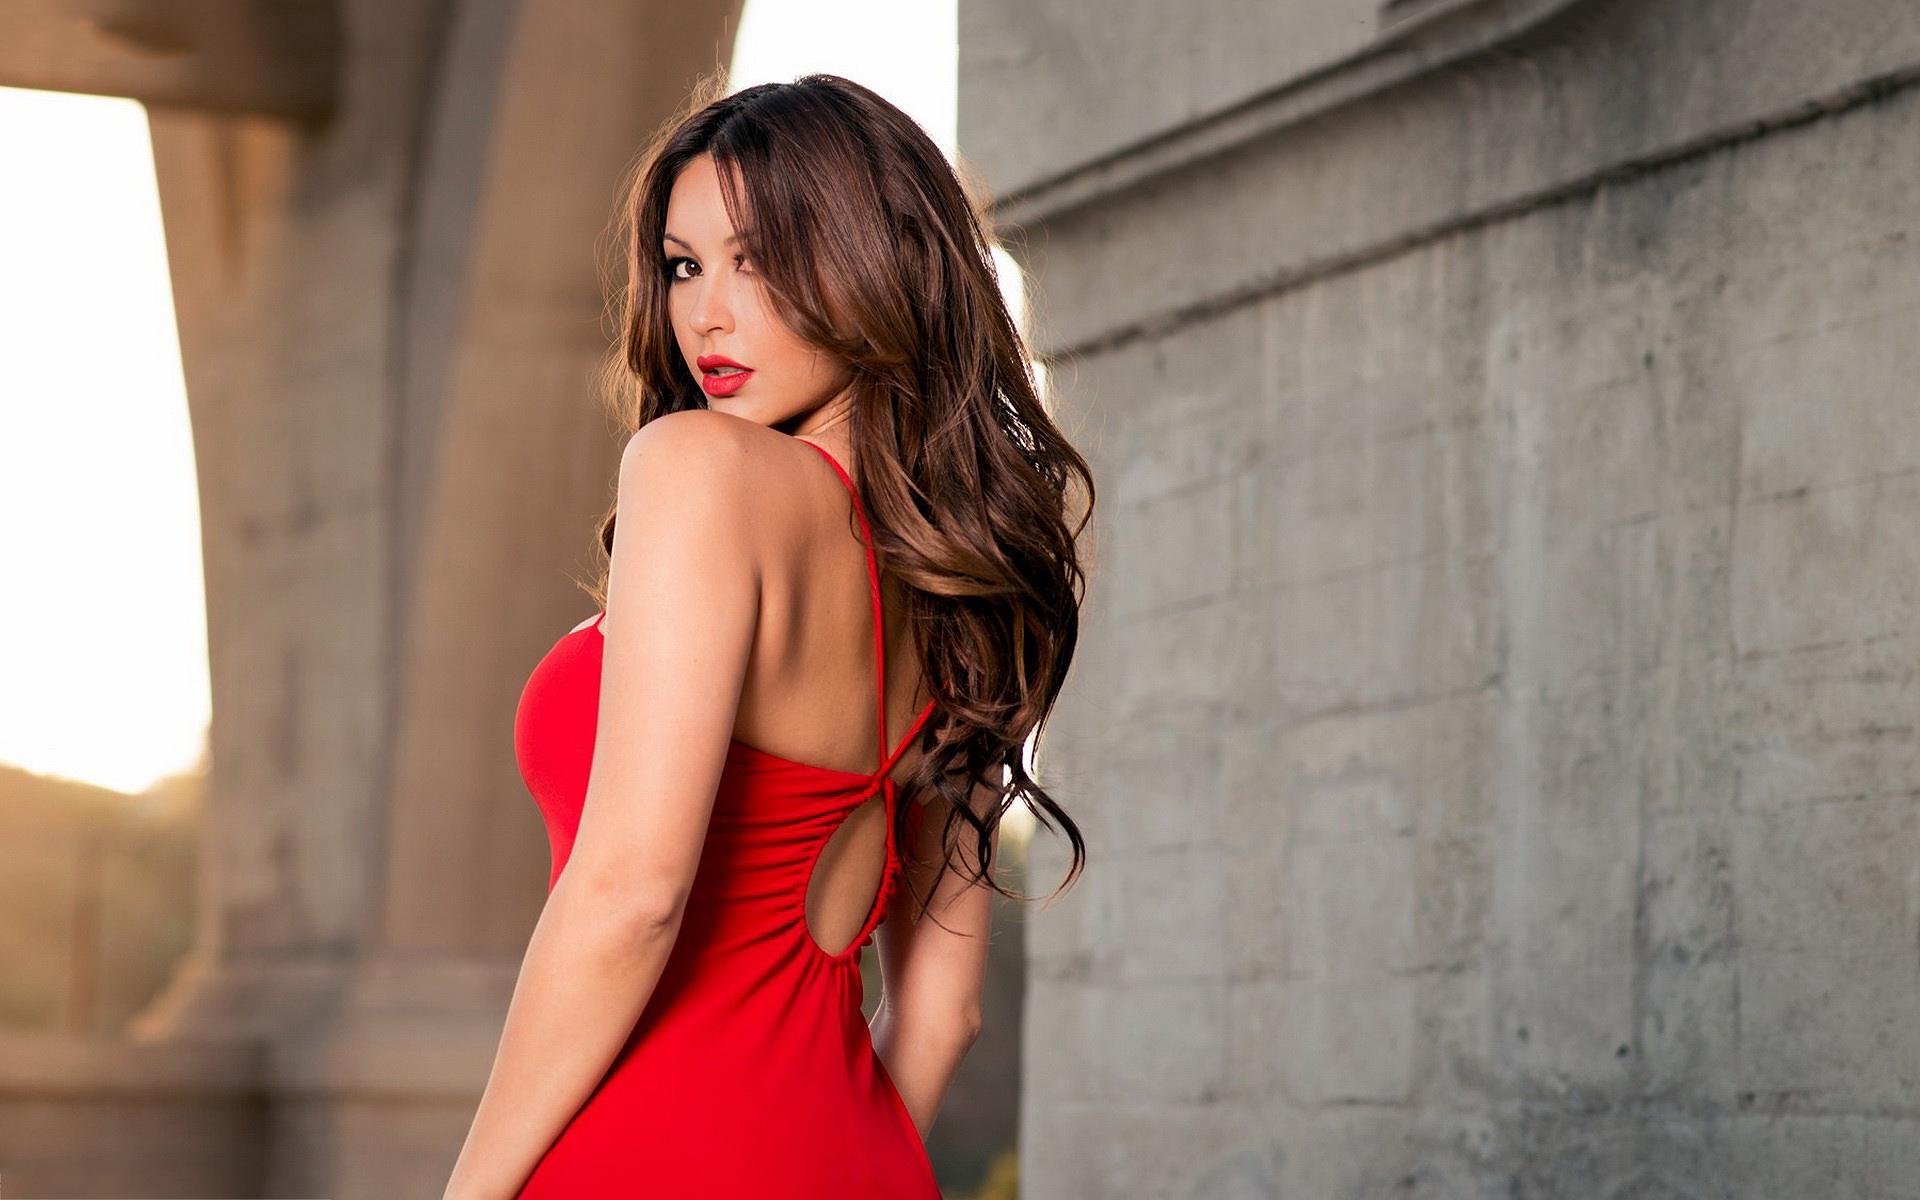 7033966-brunette-woman-in-red.jpg